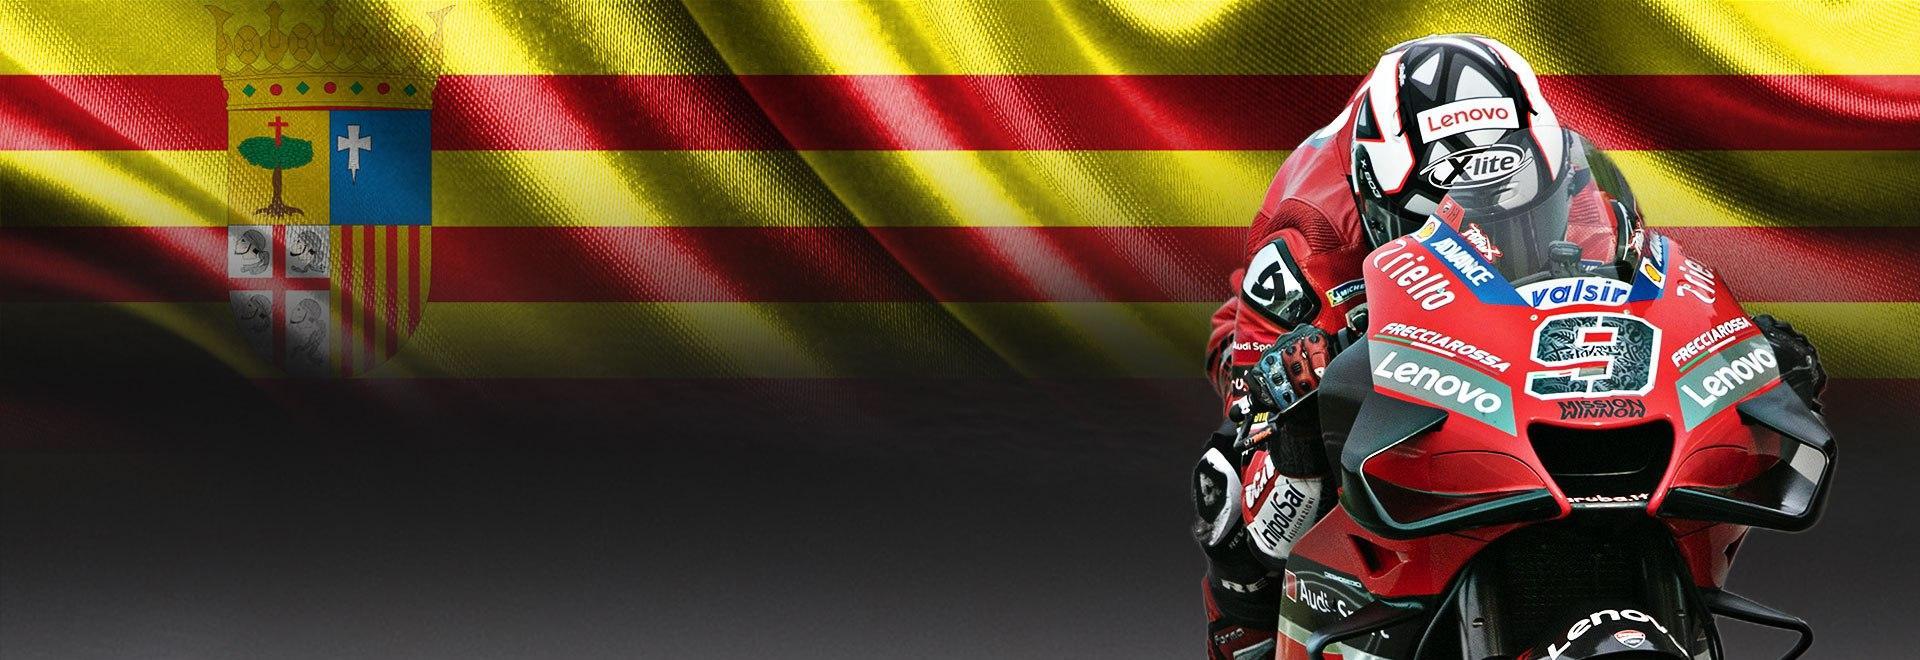 GP Aragona. PL4